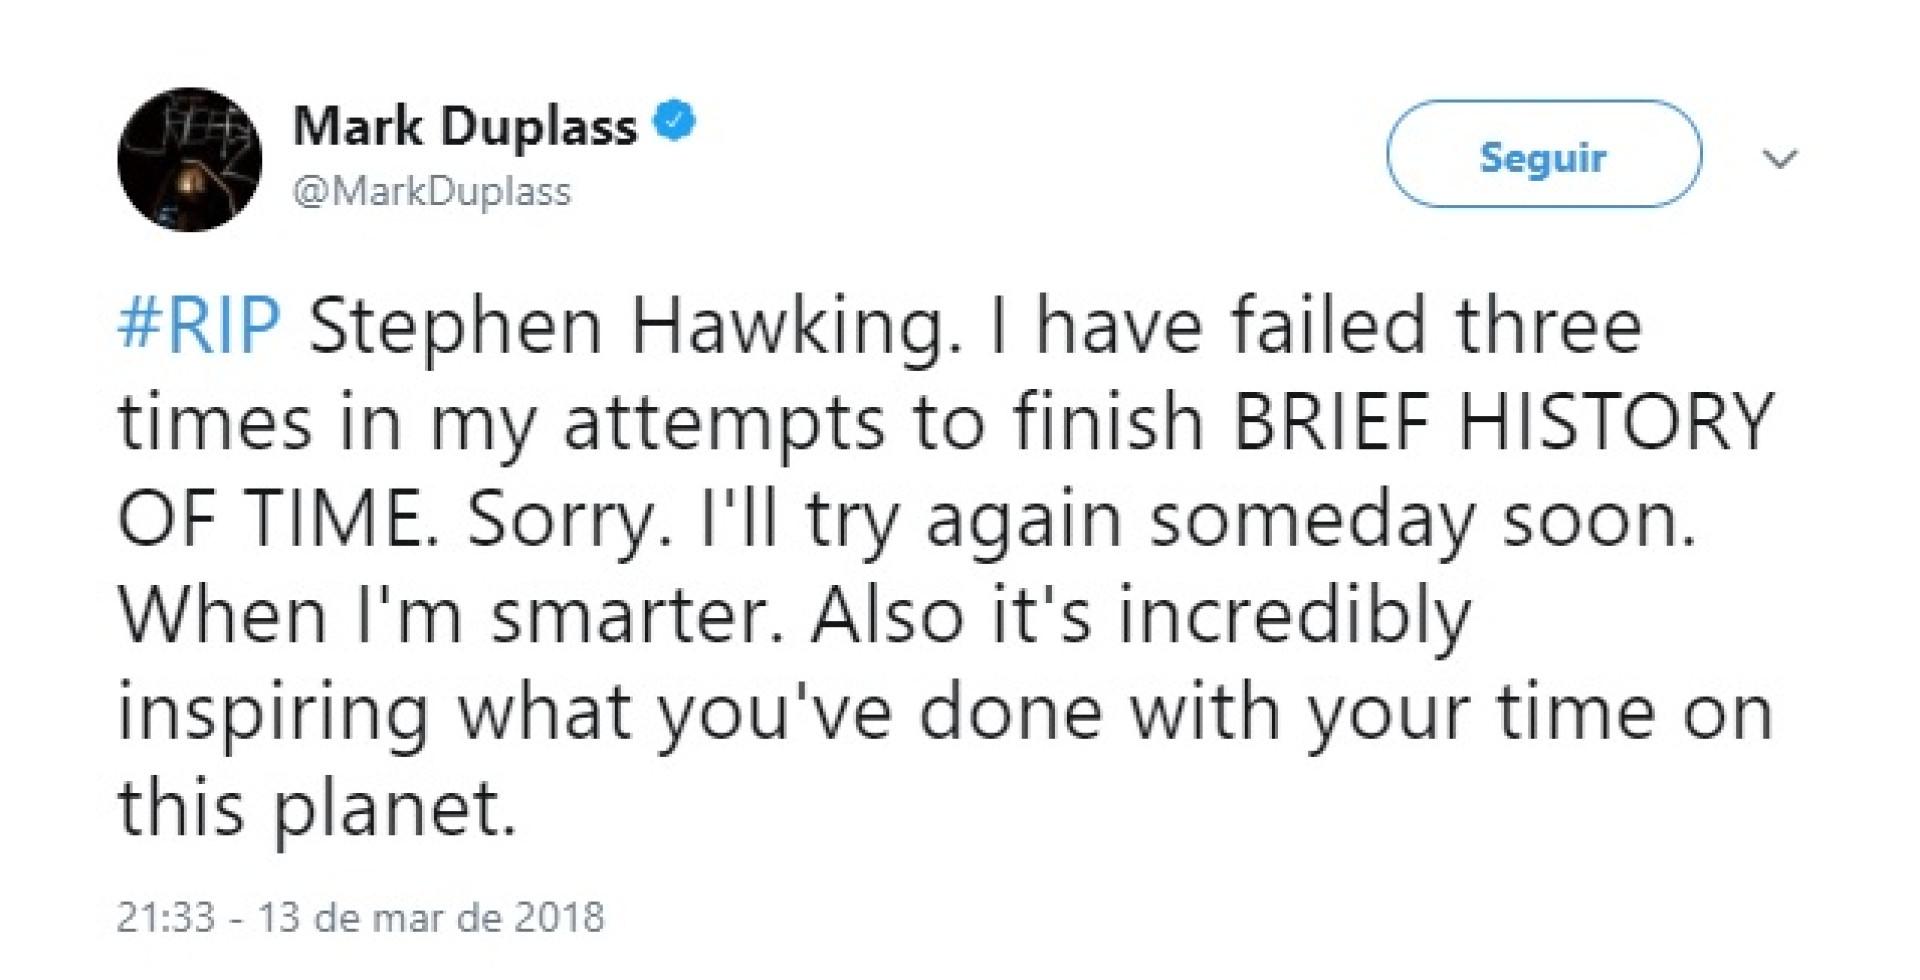 Celebridades prestam última homenagem a Stephen Hawking nas redes sociais